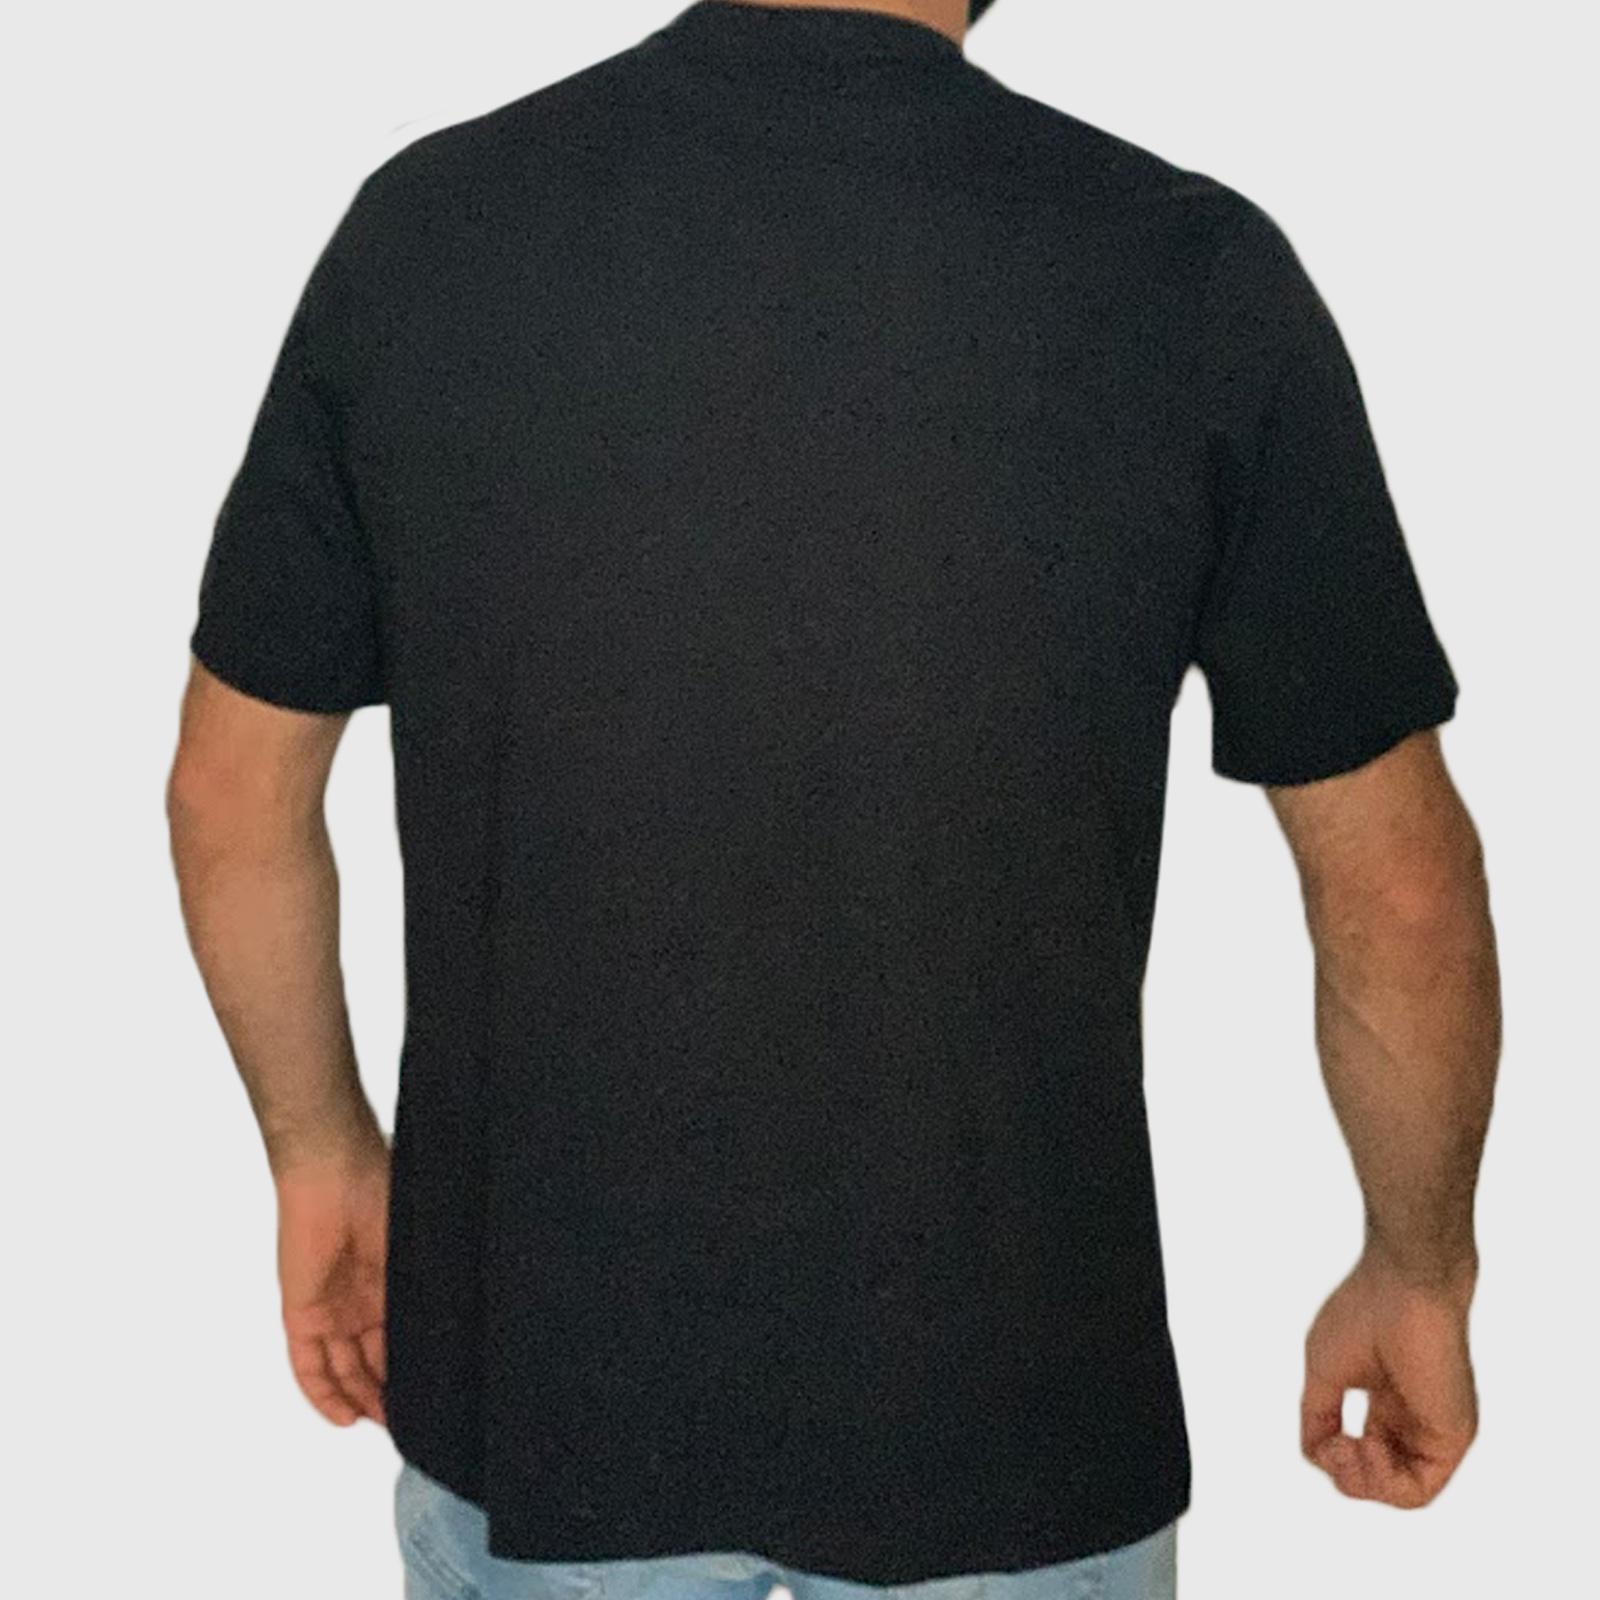 Купить дешево в интернет магазине футболки для парней